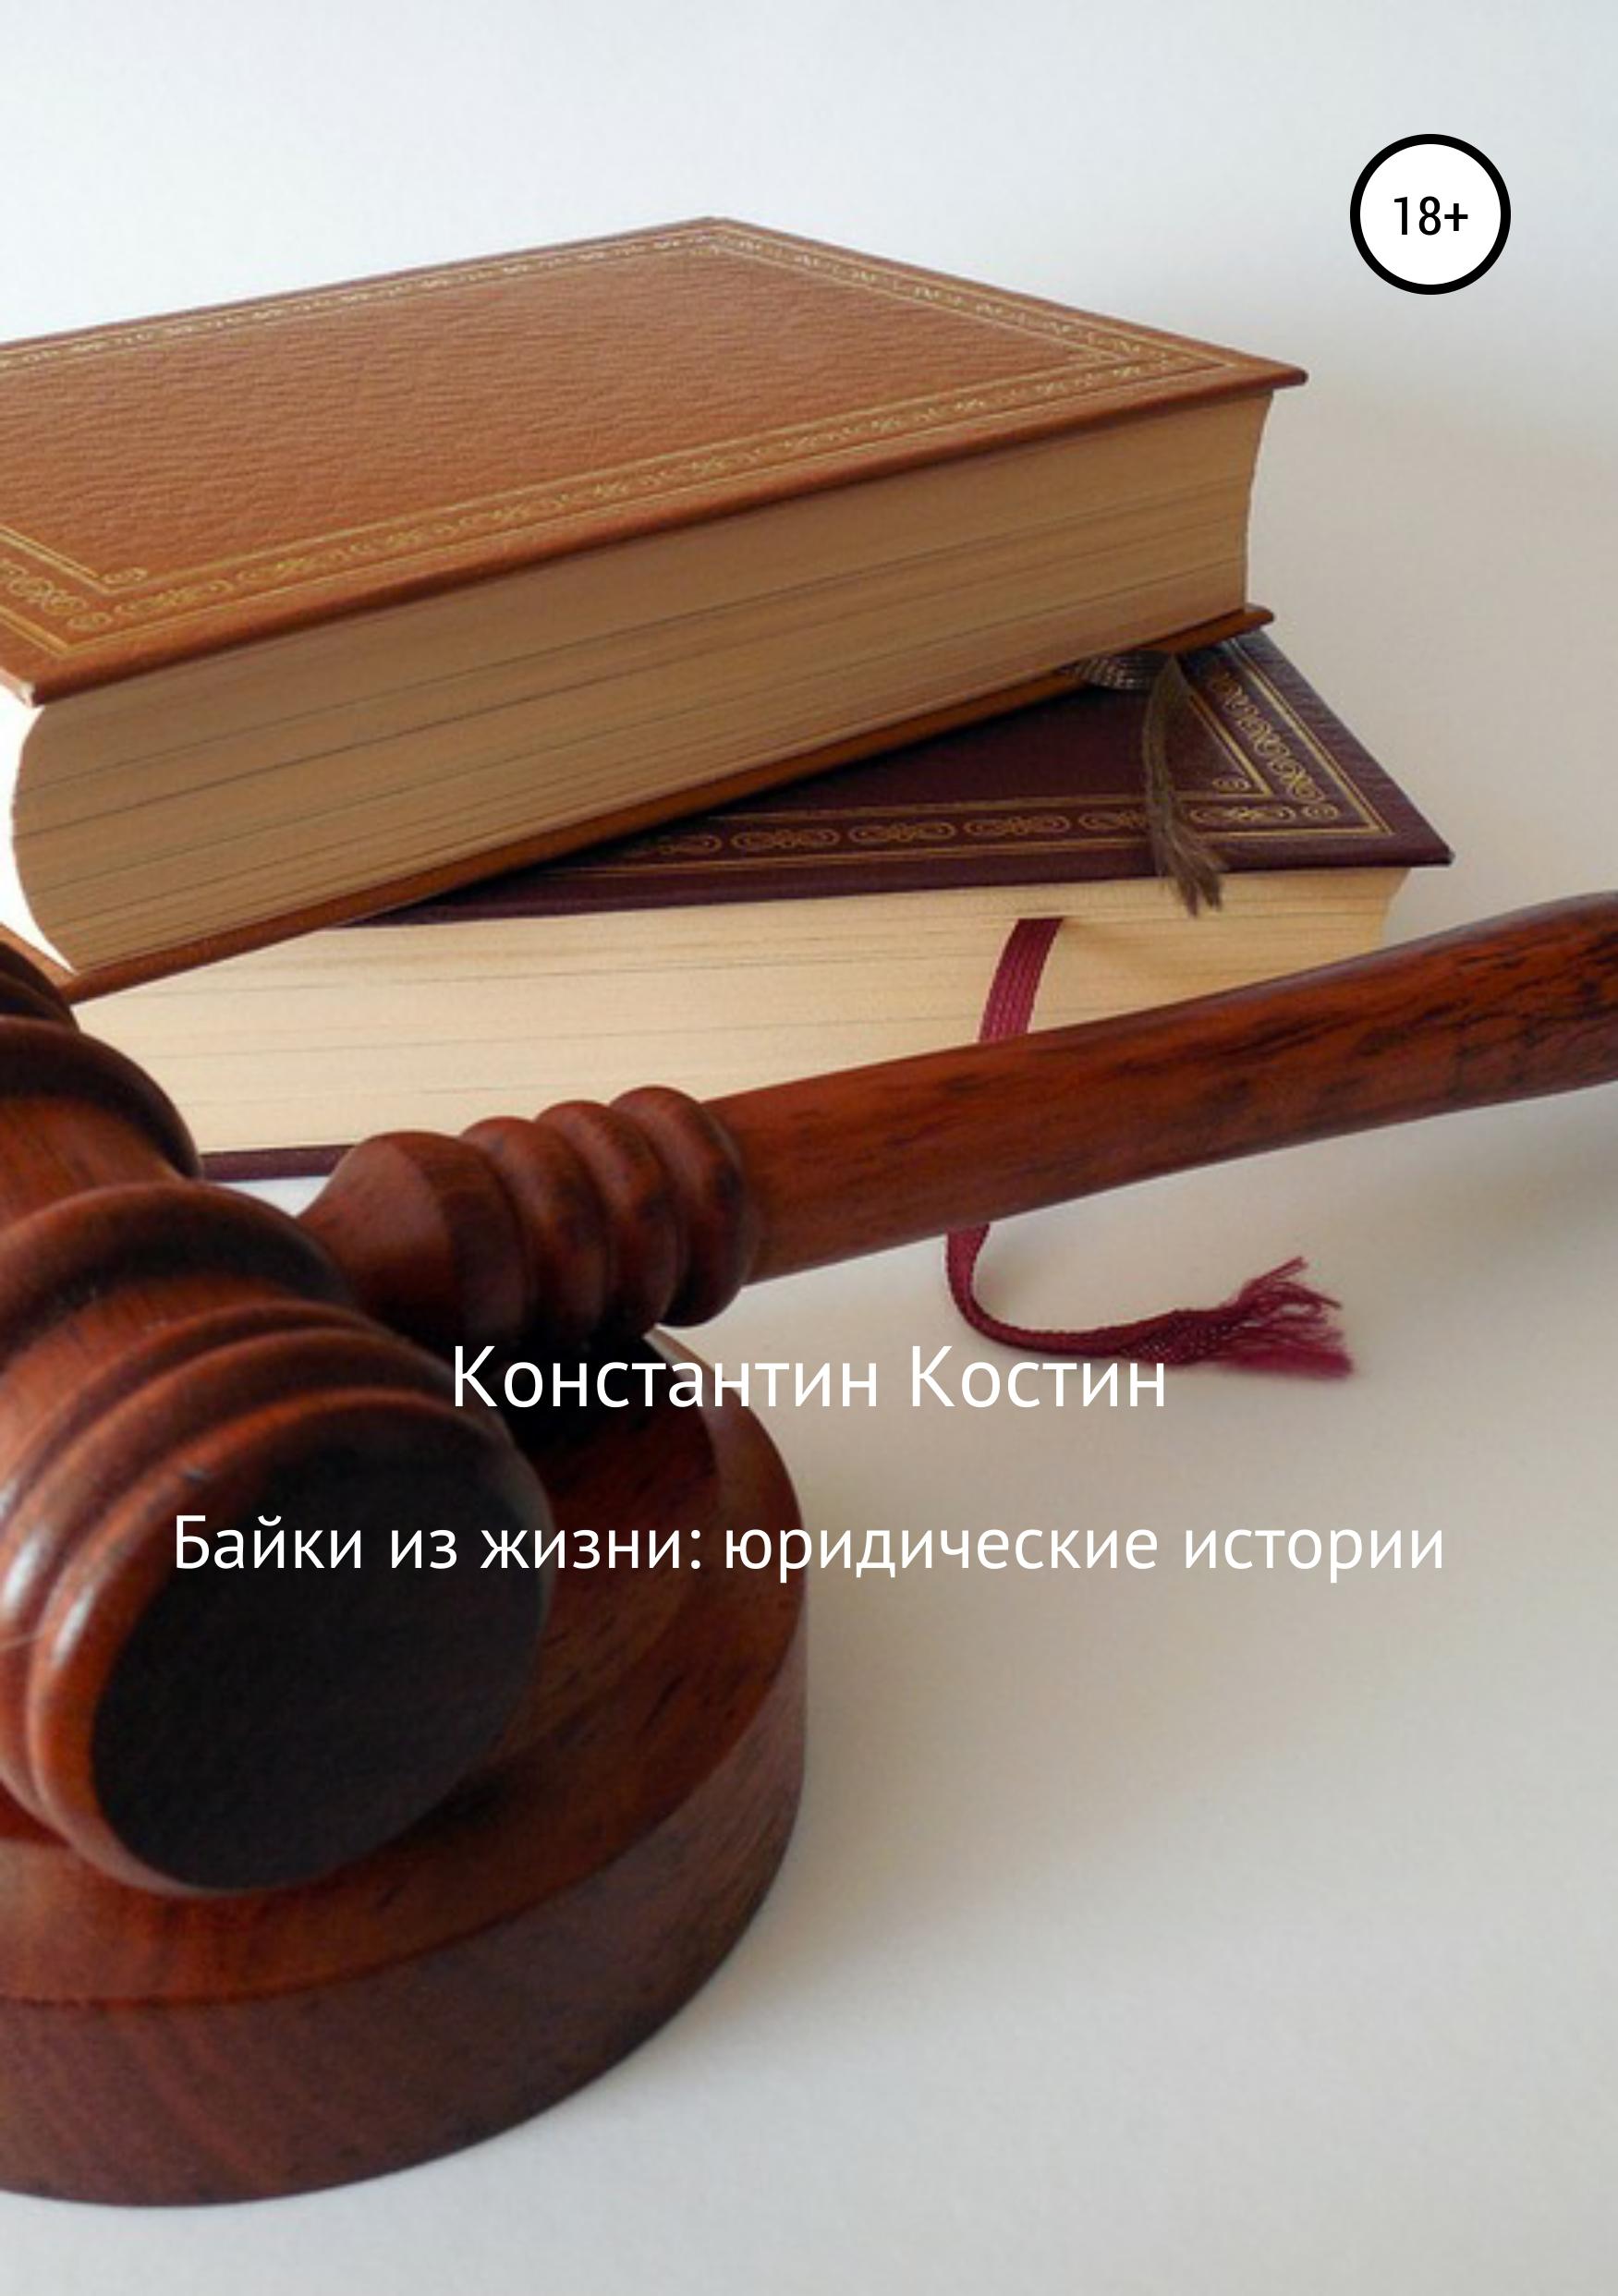 Константин Александрович Костин Байки из жизни: Юридические истории цена и фото